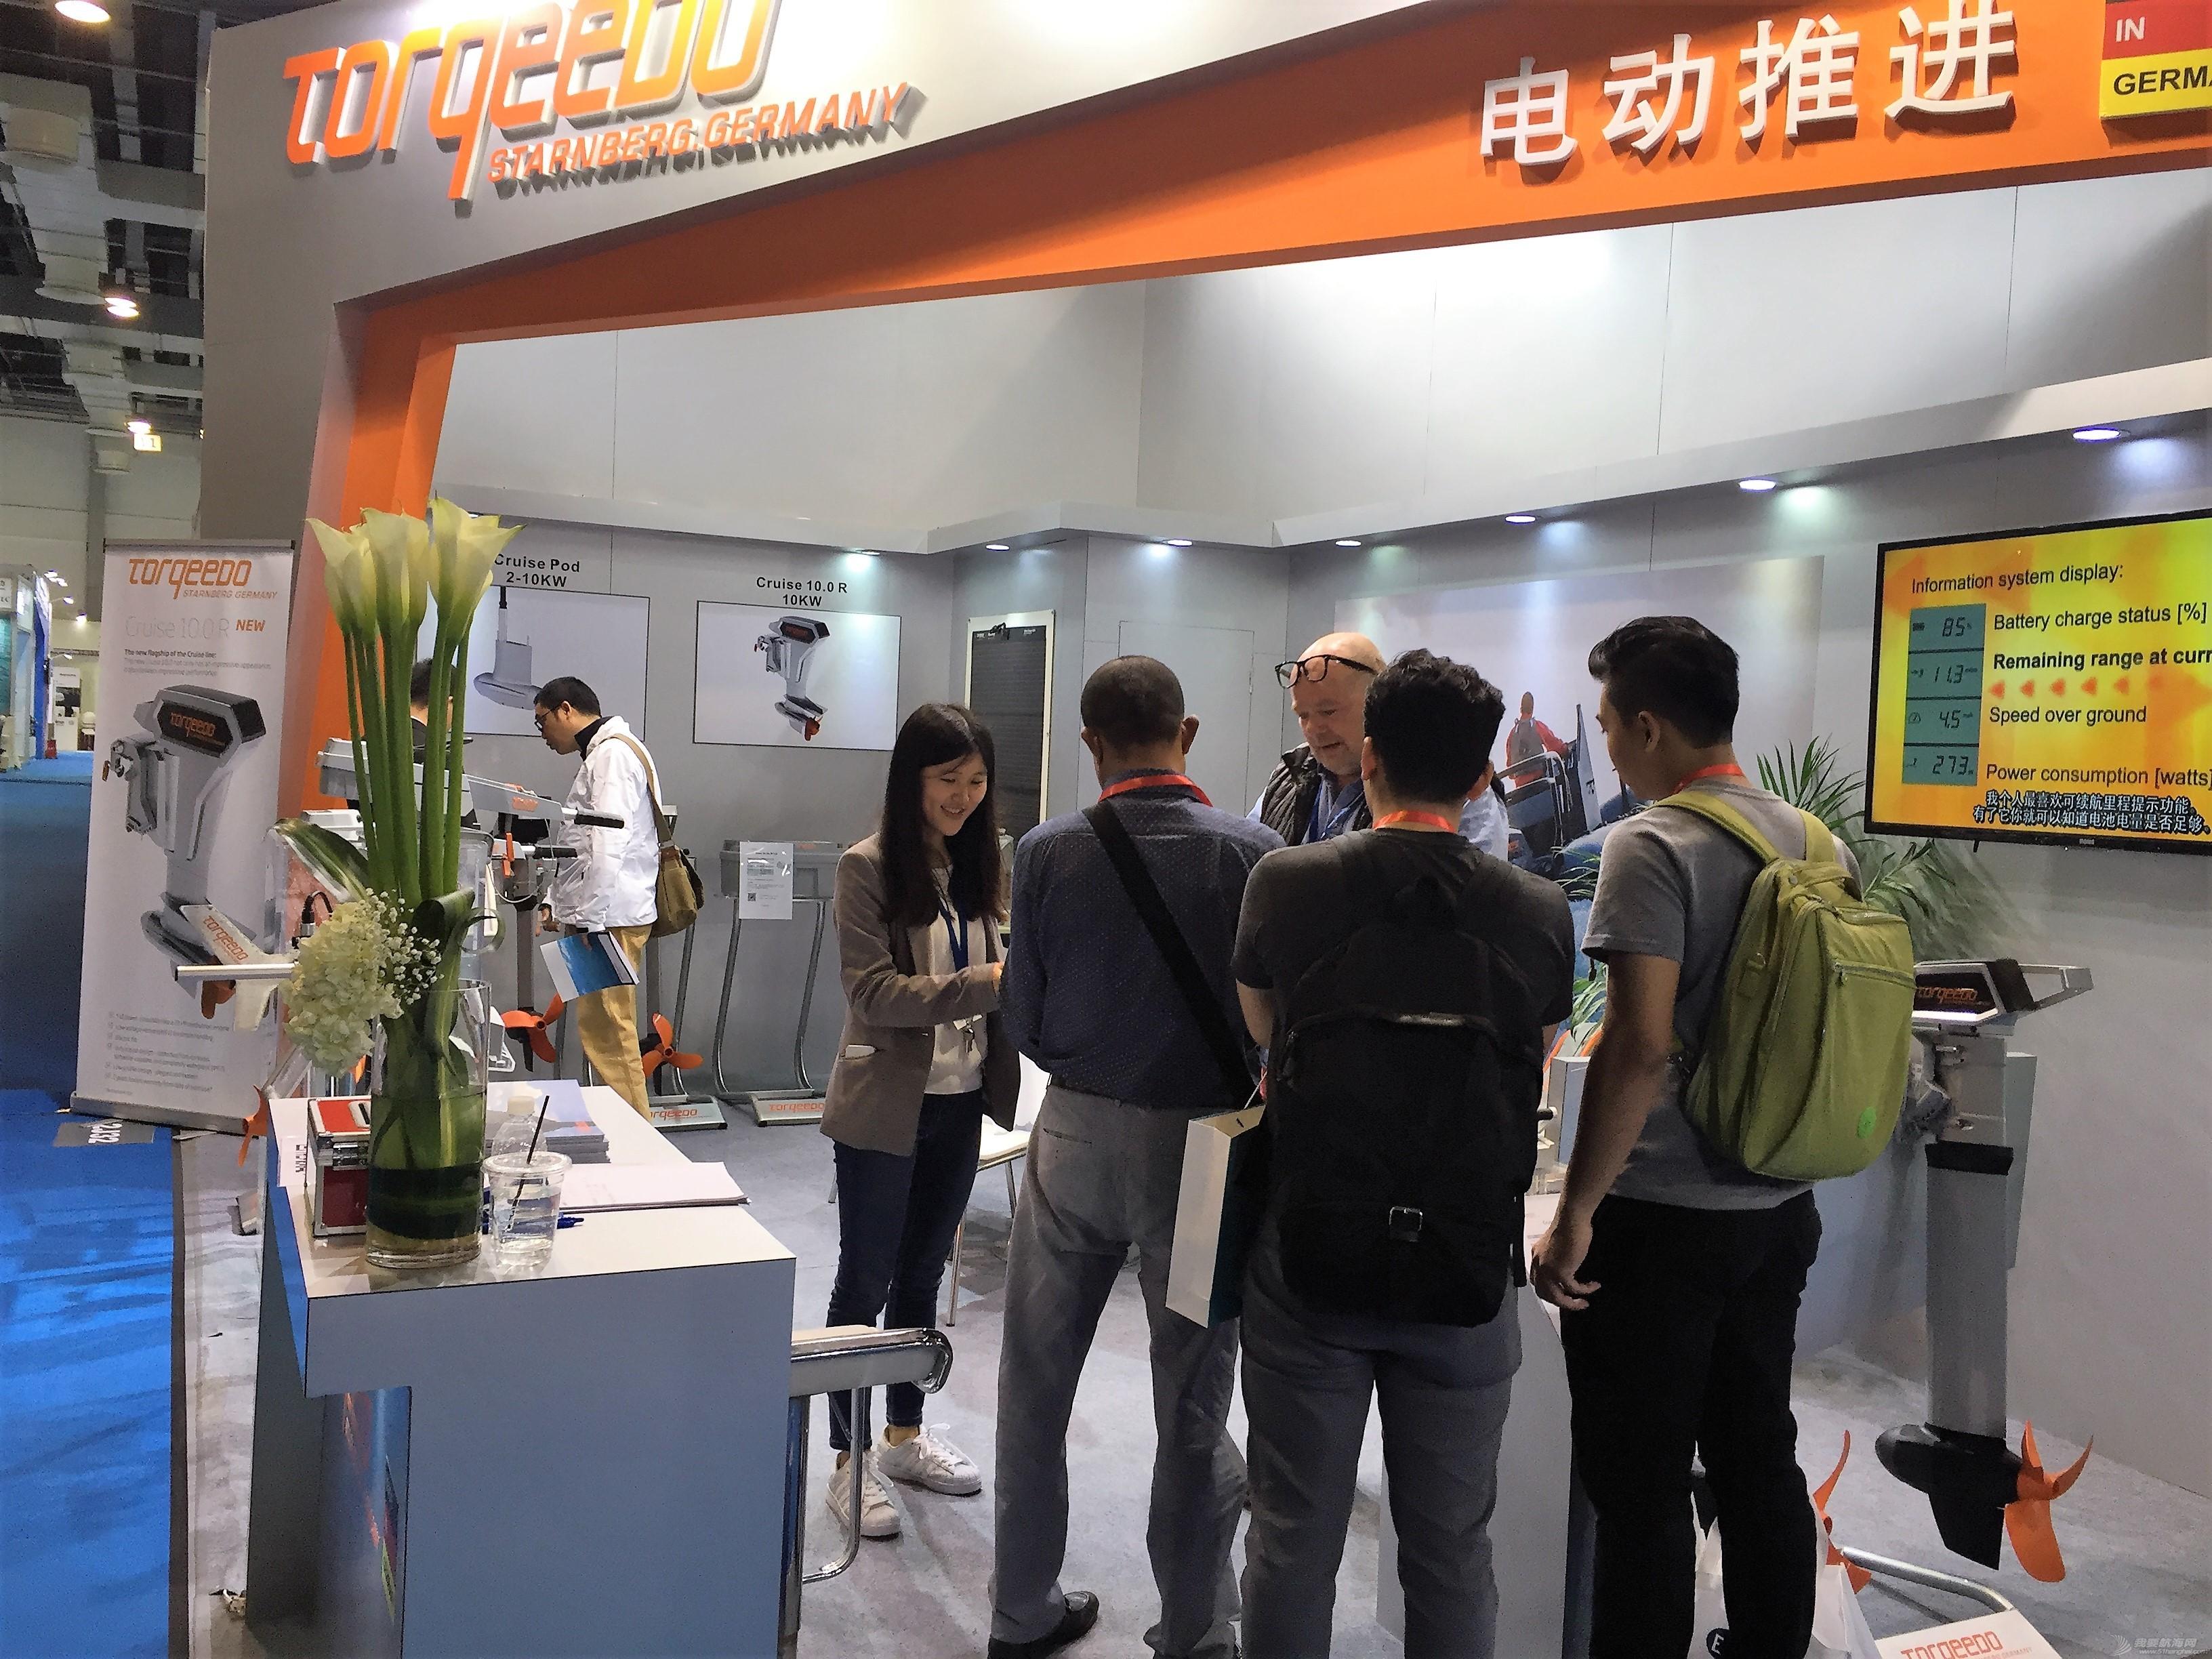 上海,行业 从上海游艇展看行业发展 148.JPG